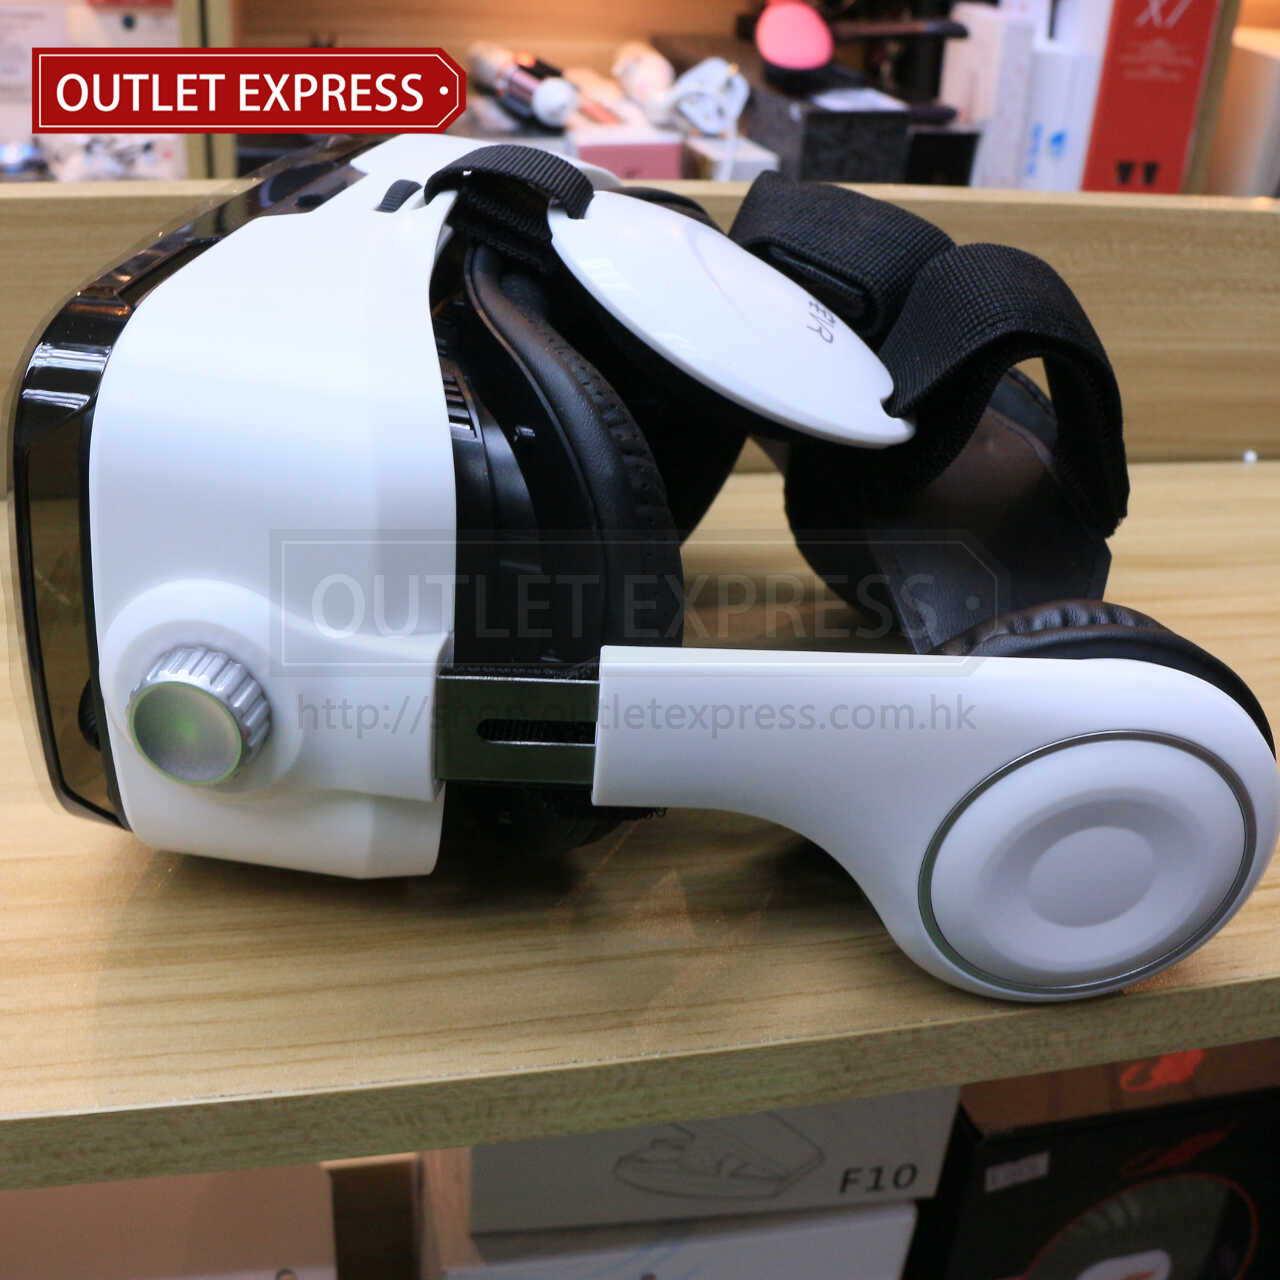 小宅魔鏡Z4 VR虛擬實境眼鏡側面圖- Outlet Express HK生活百貨城實拍相片